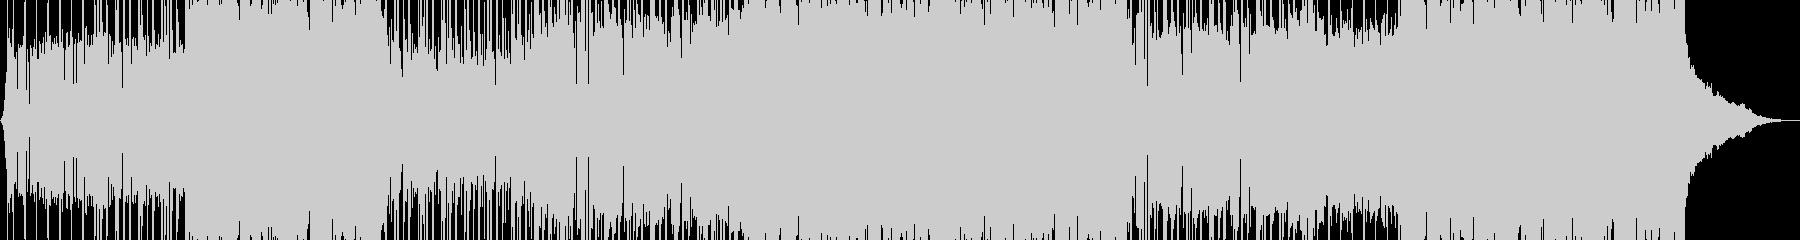 陽気でポジティブなポップロックミュージッの未再生の波形